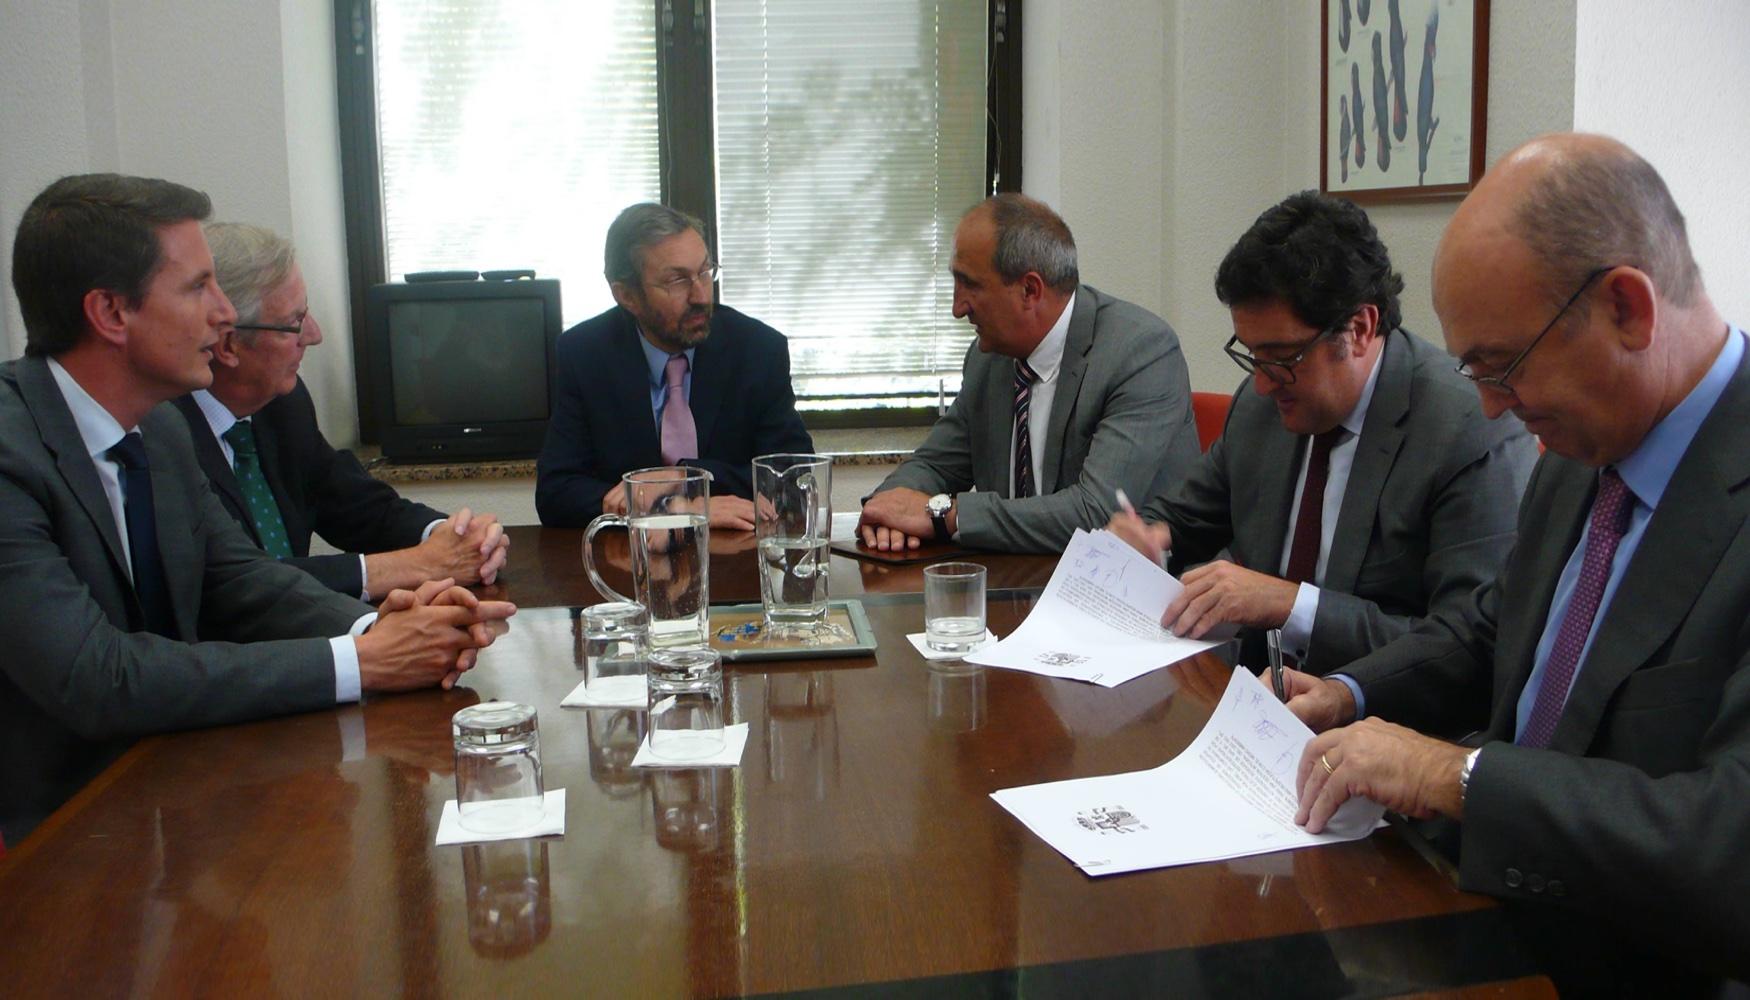 Los gestores de residuos peligrosos firman un acuerdo con la oficina espa ola de cambio - Oficina espanola de cambio climatico ...